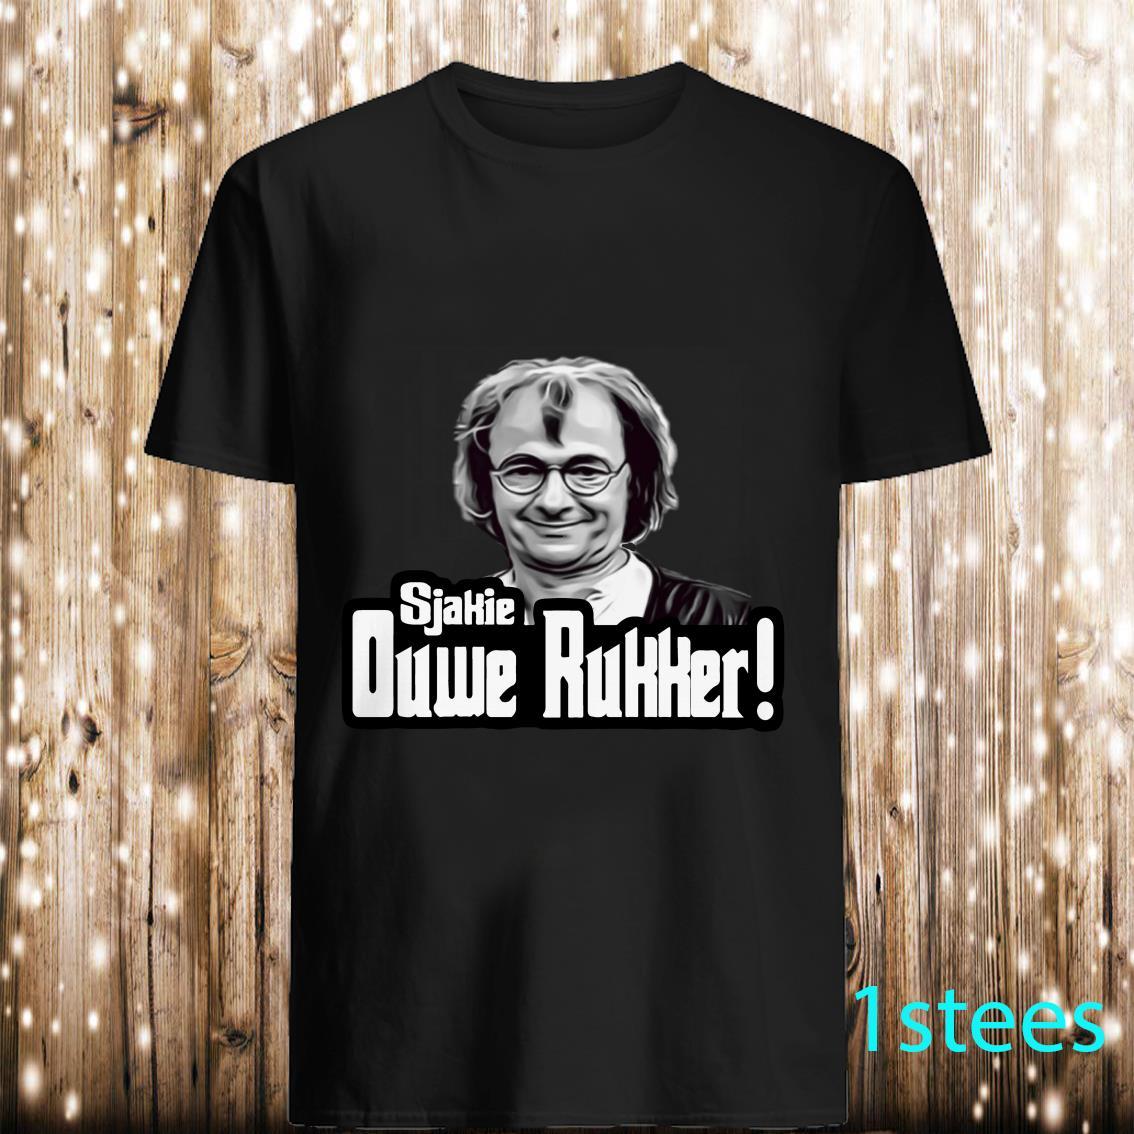 Sjakie Ouwe Rukker Shirt